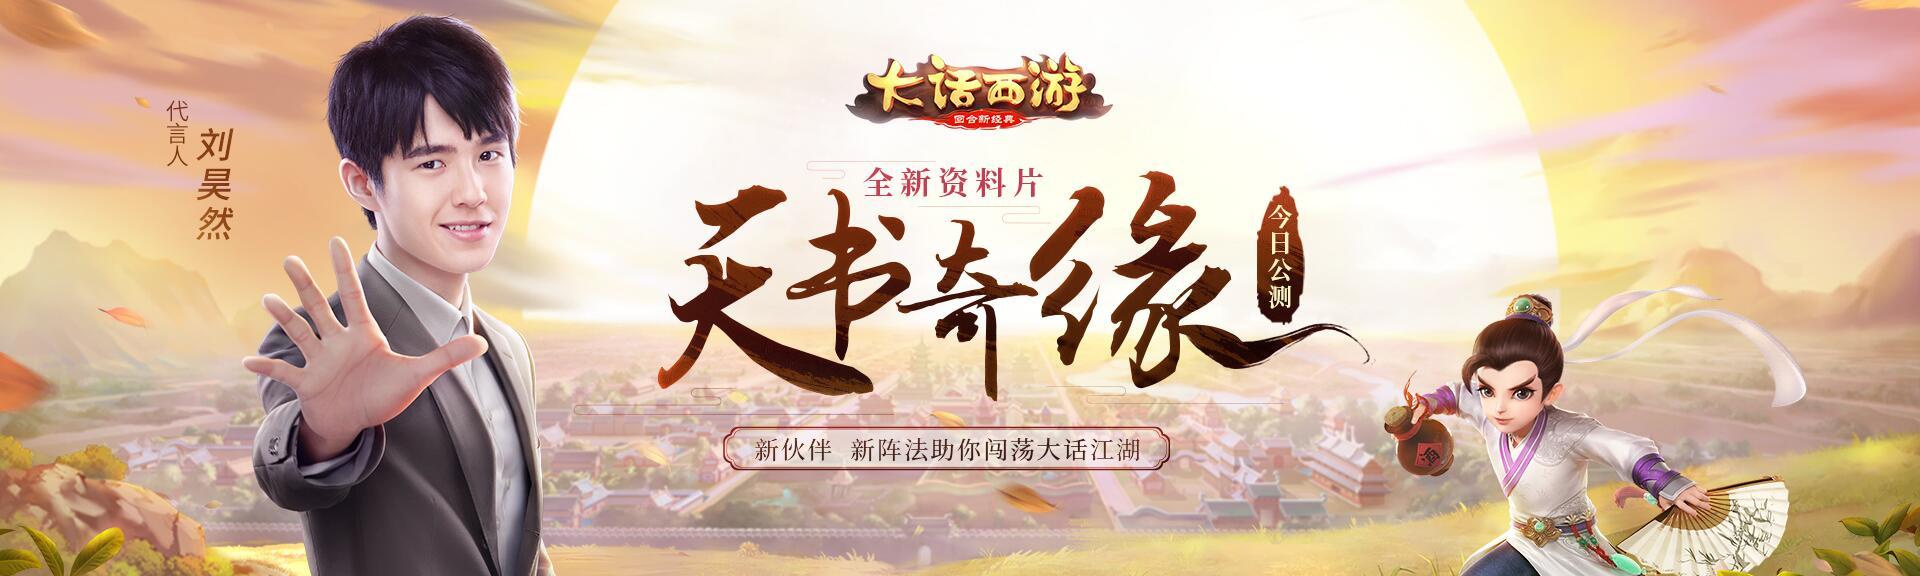 """大话手游全新资料片""""天书奇缘""""今日开启"""